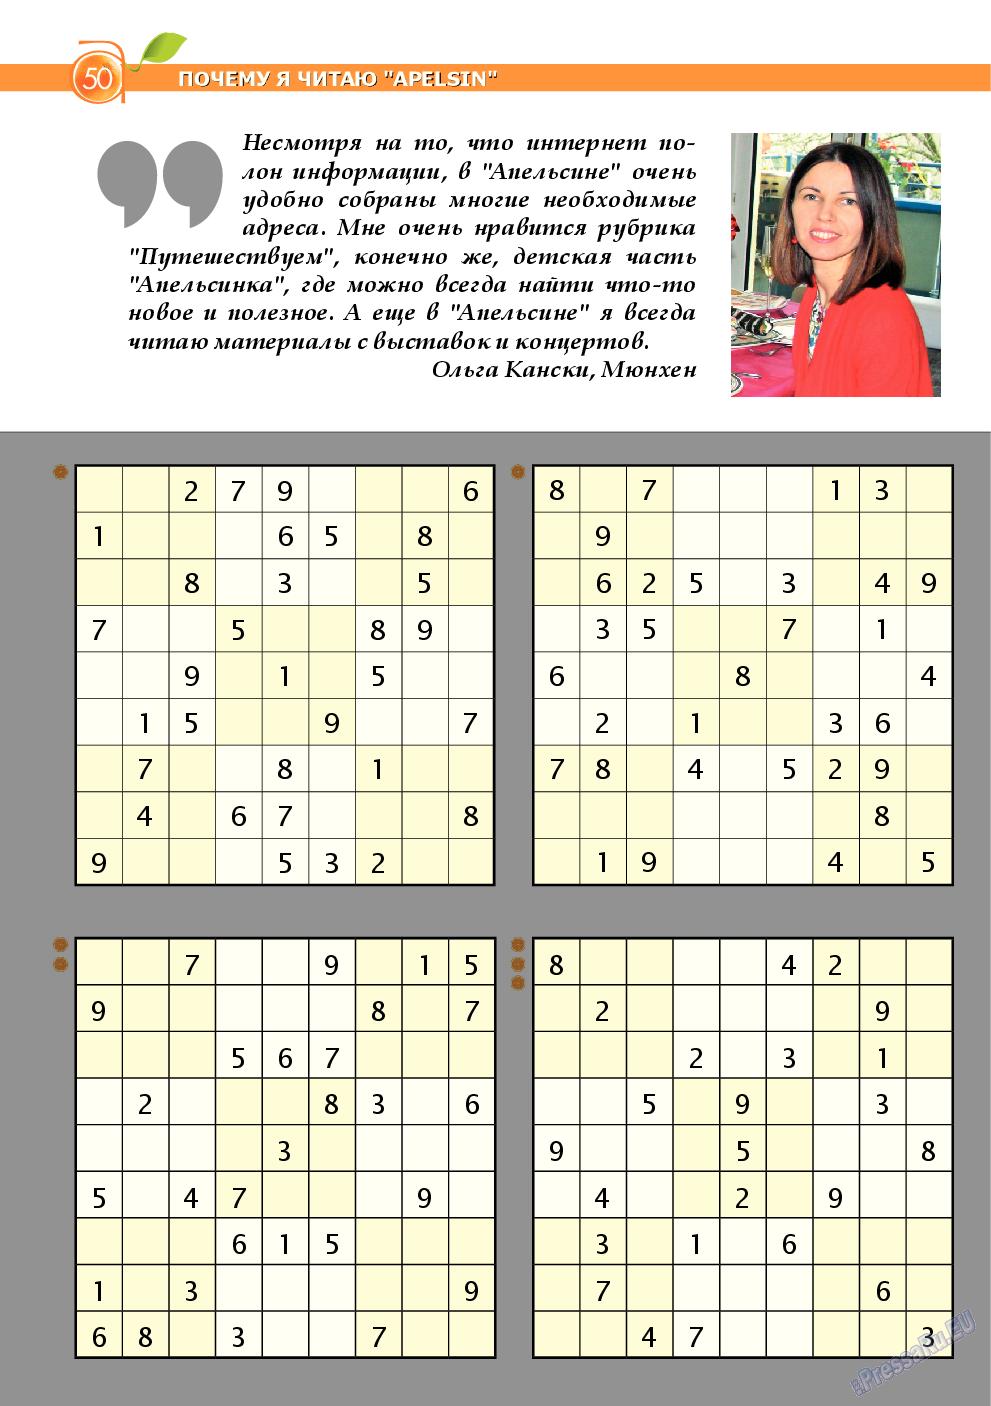 Апельсин (журнал). 2015 год, номер 67, стр. 50